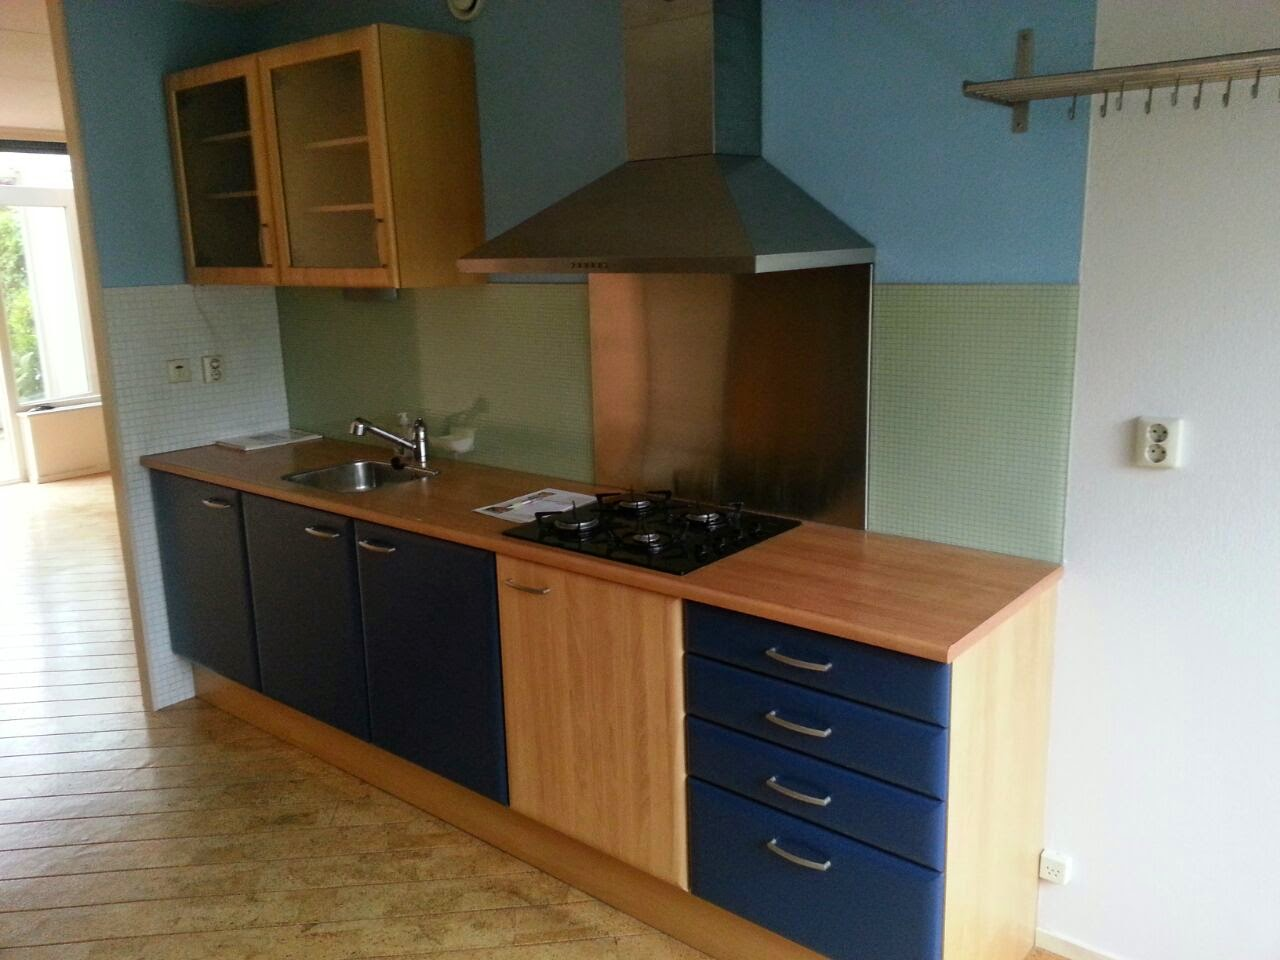 Keuken Blauw Grijs : Keuken ? Blauw/beuken naar Mat wit, inclusief metallic grijs